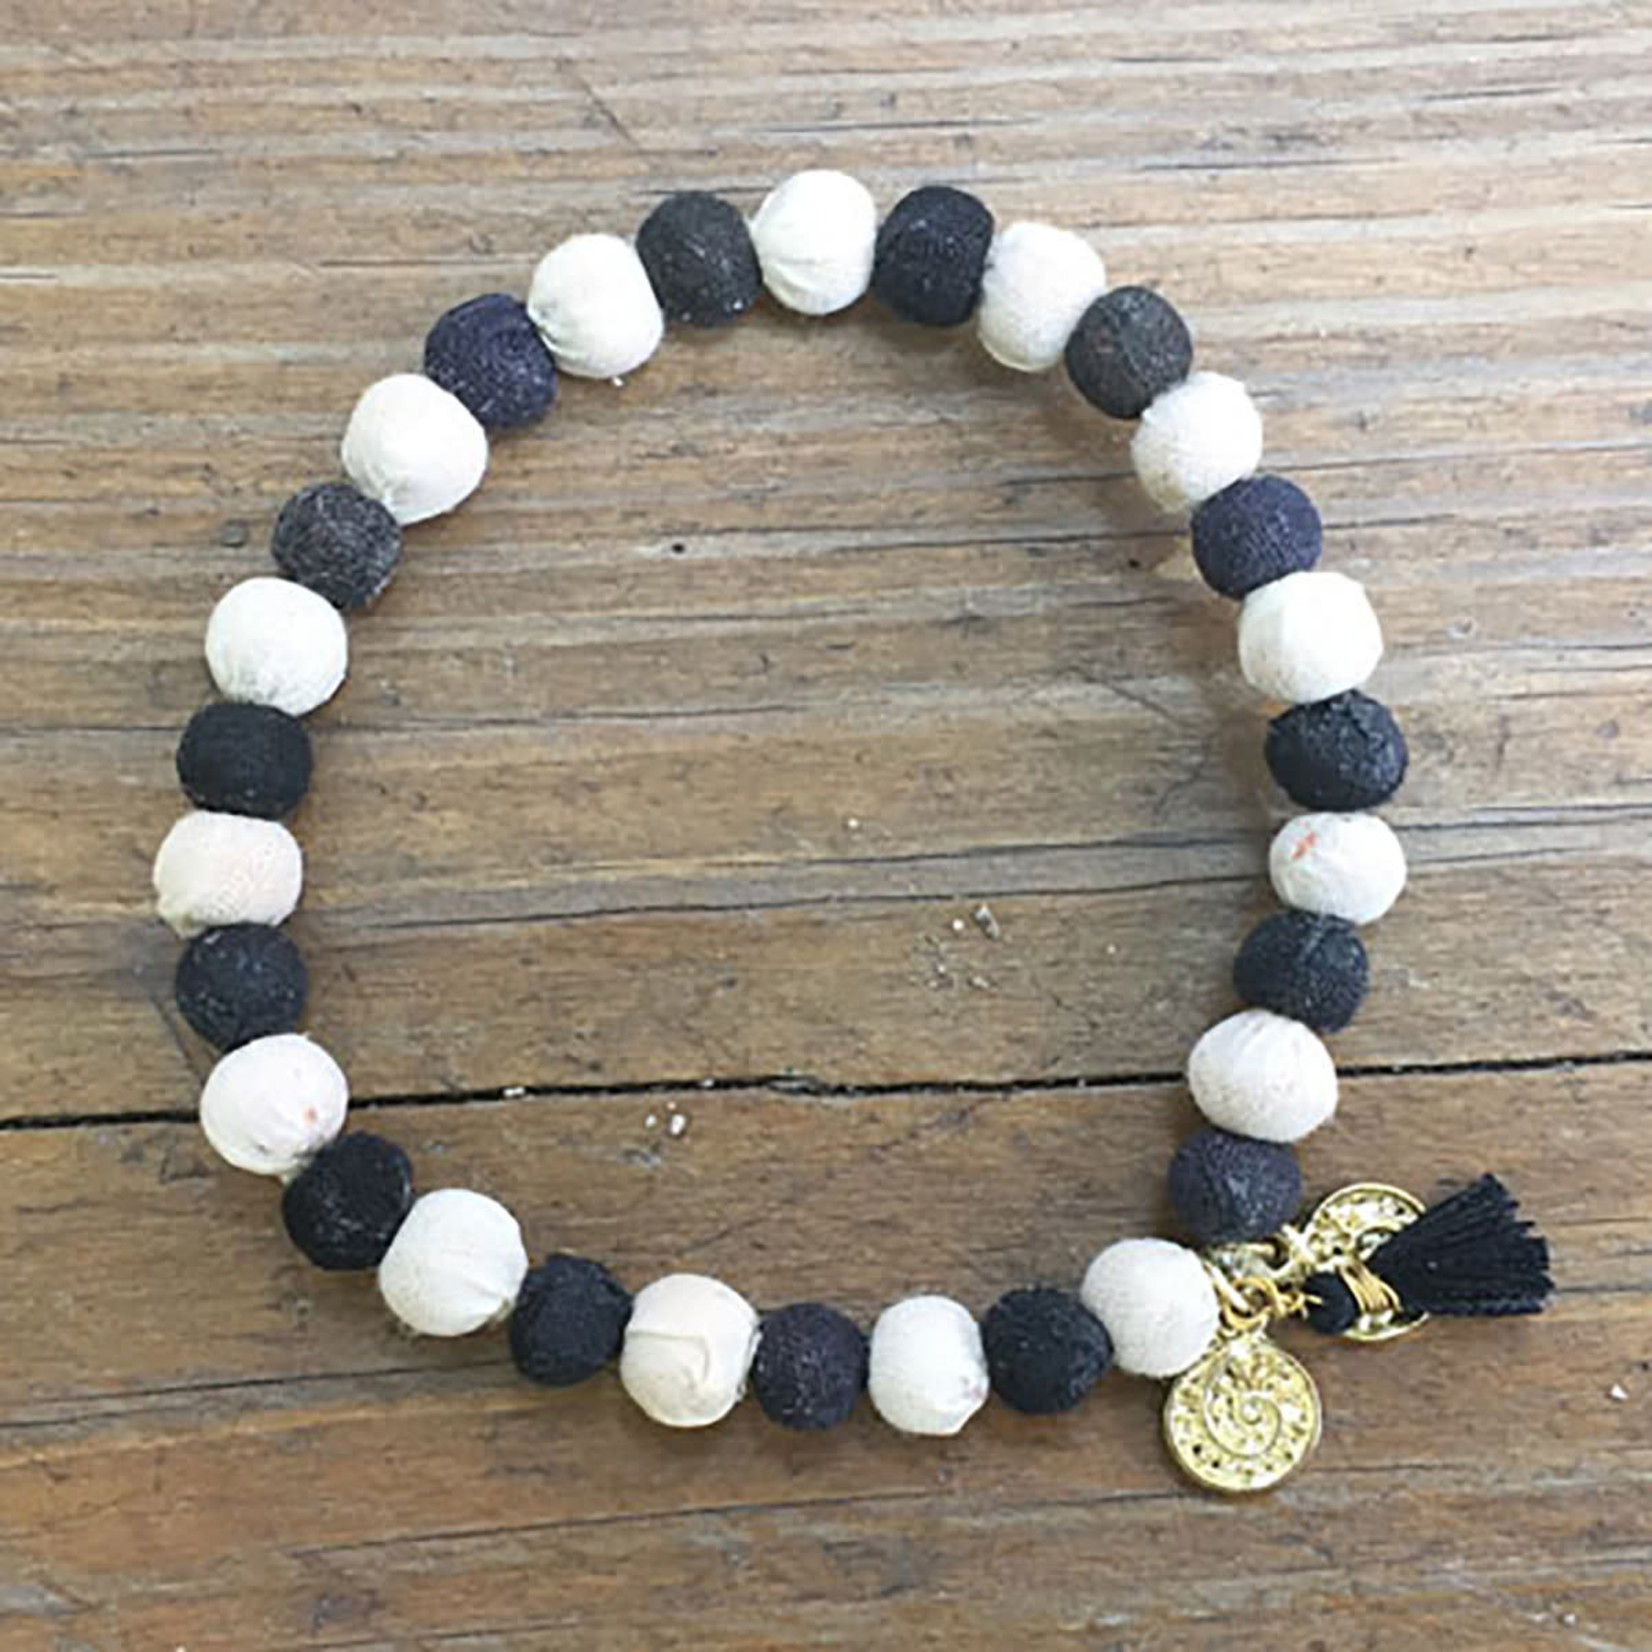 WorldFinds Kantha Connection Bracelet - Balance